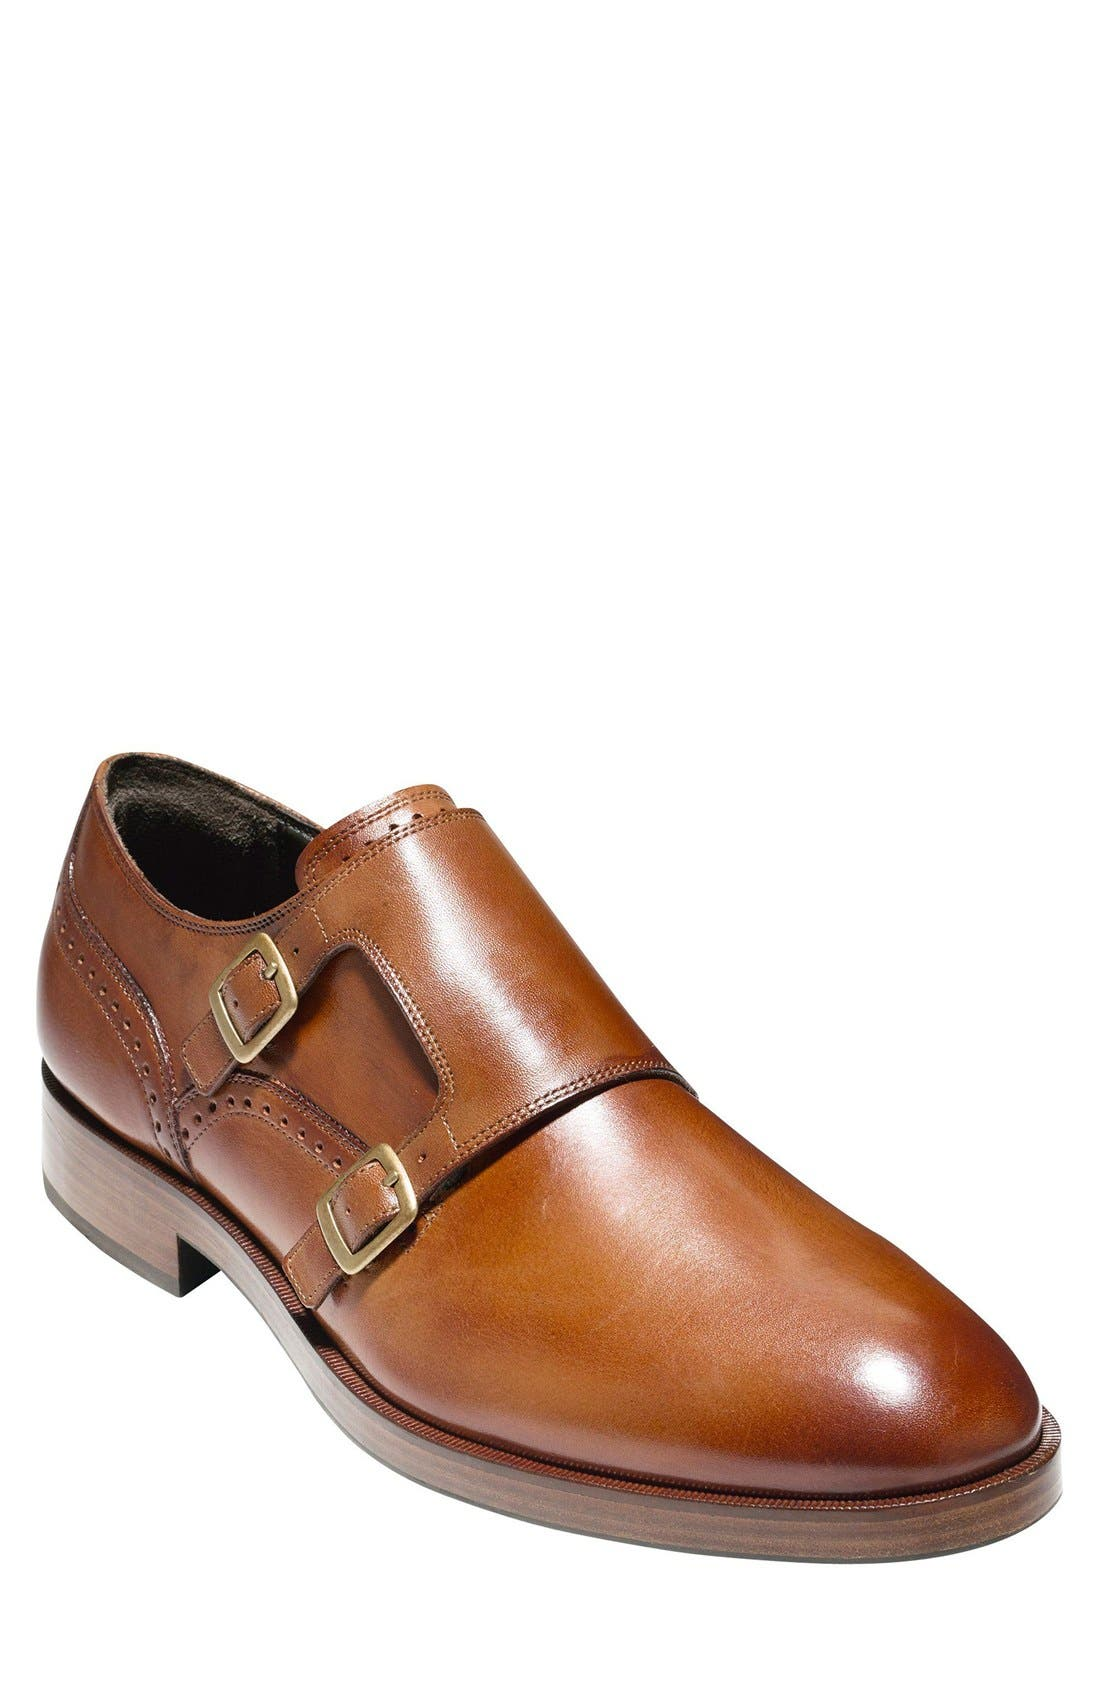 John Lobb Shoes >> leather monk shoes - Shoes Ideas